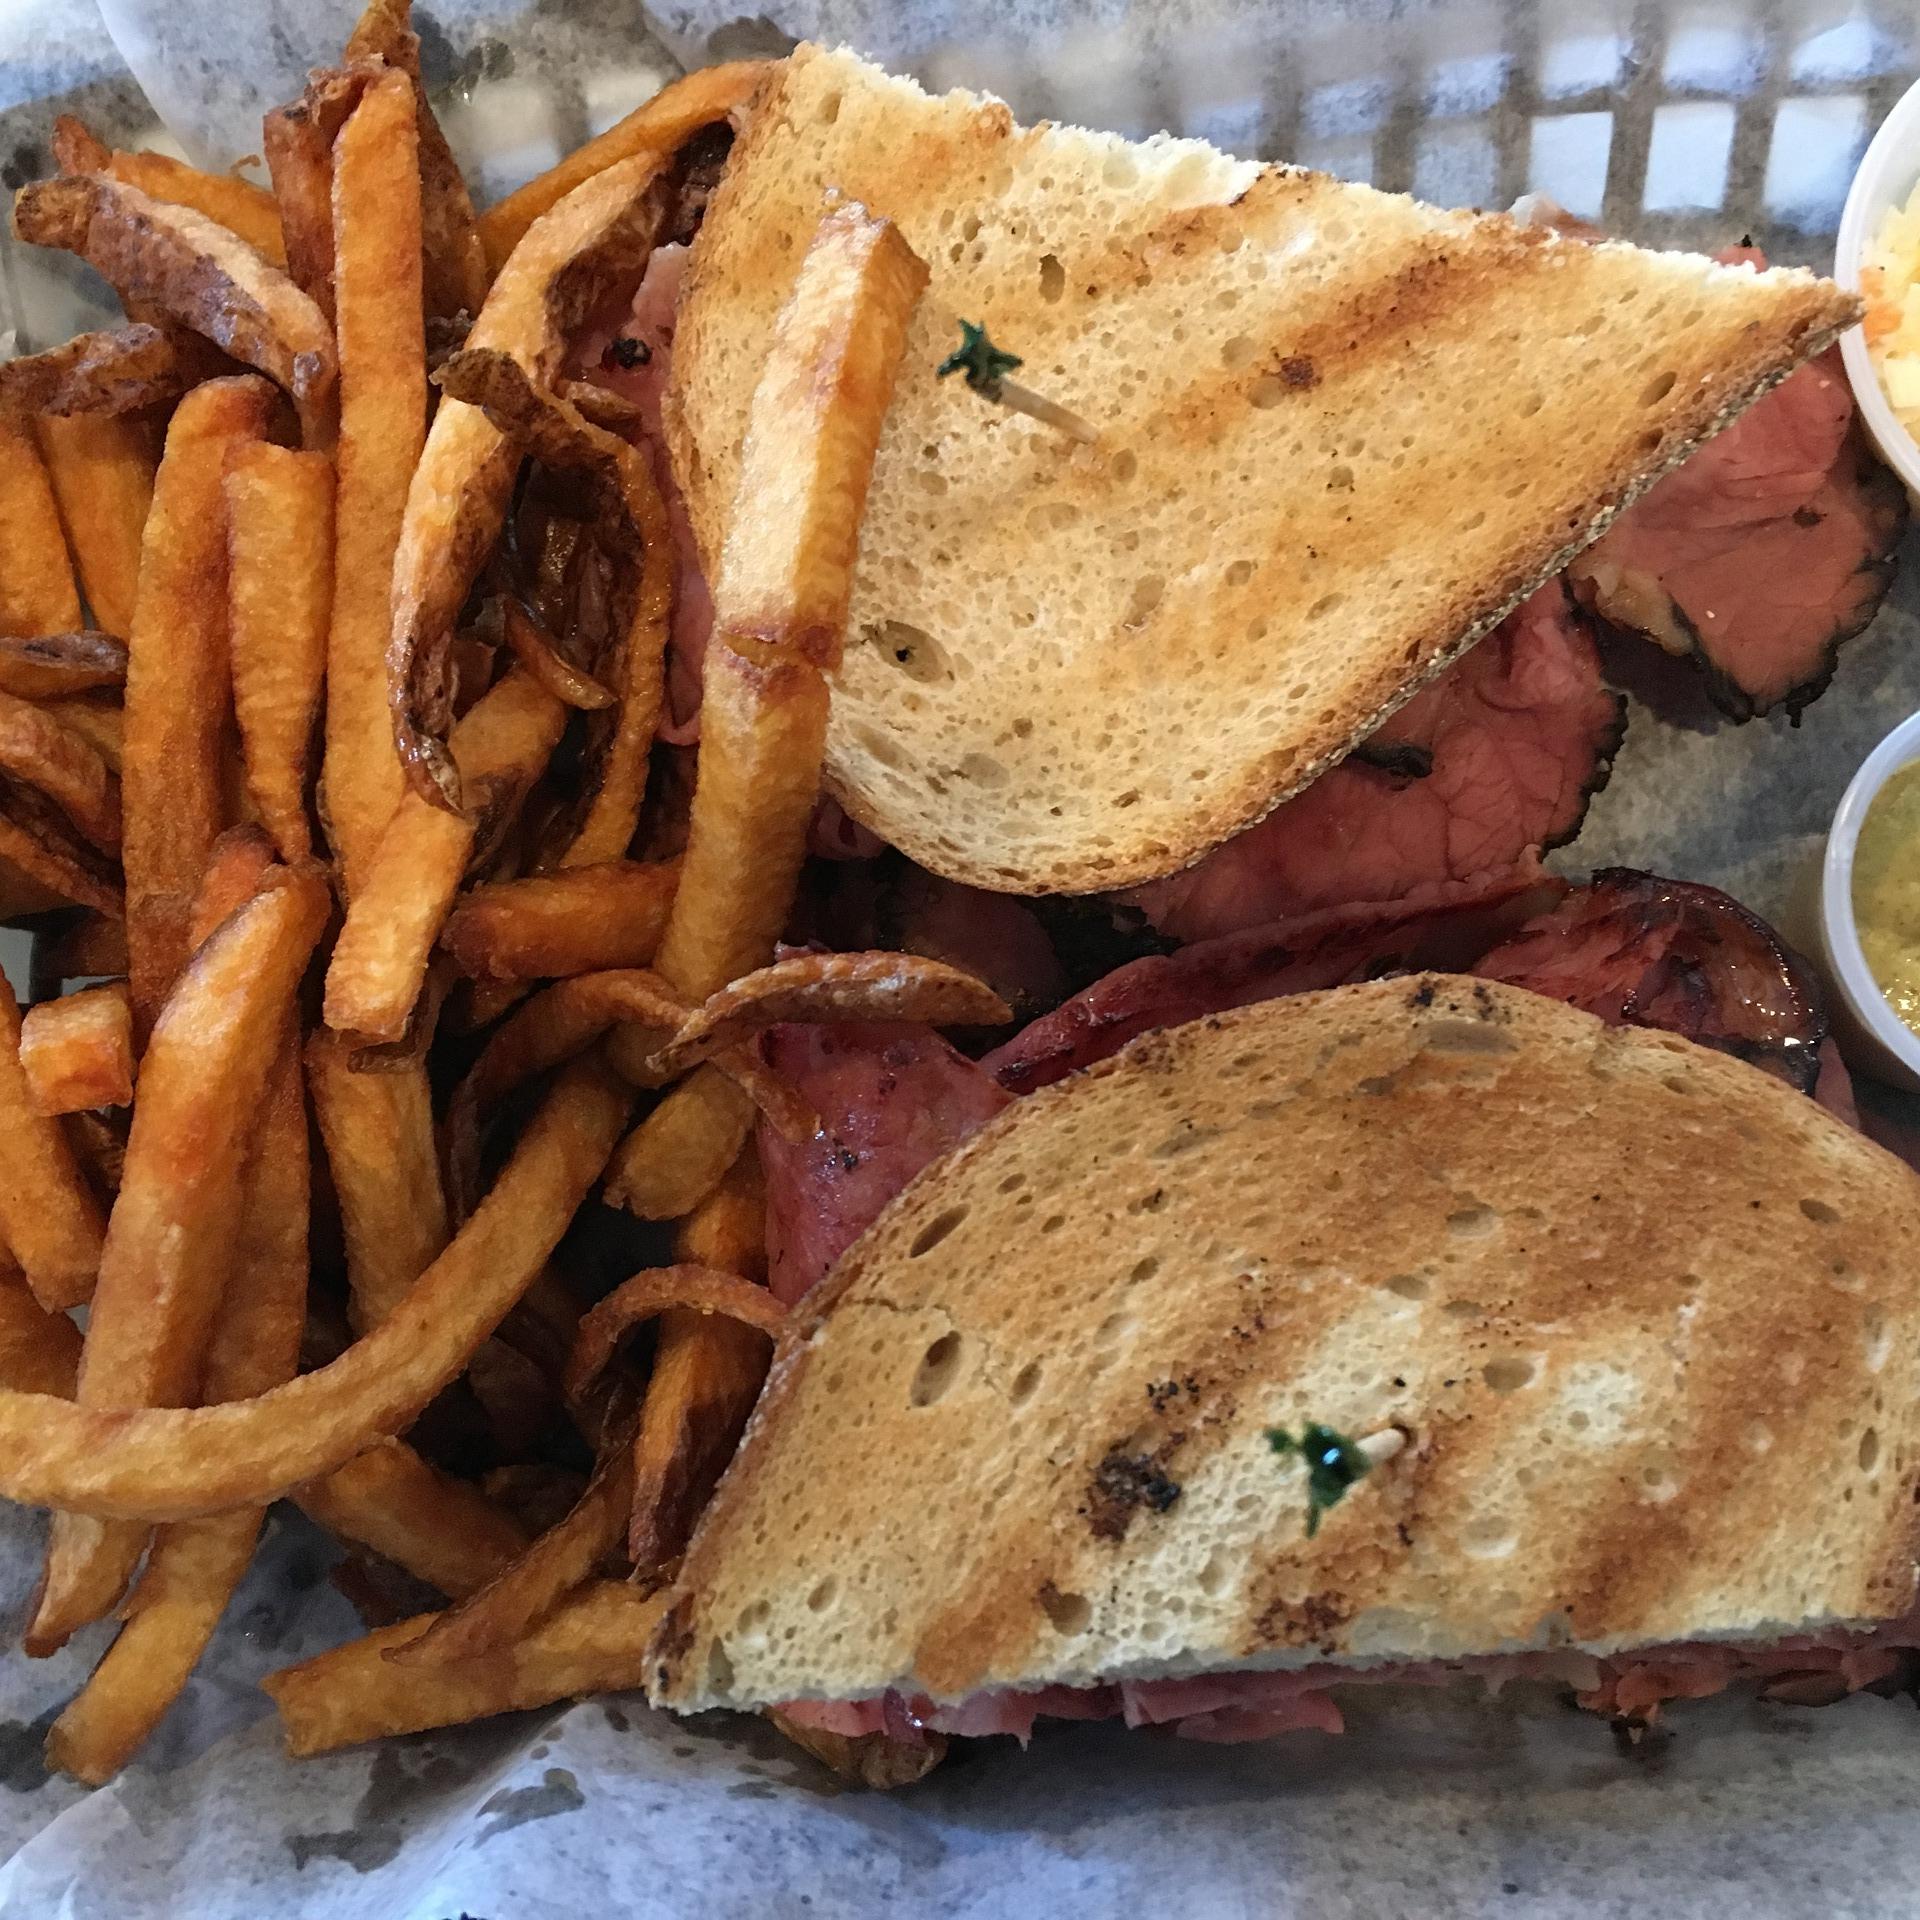 nao-e-caro-viajar-comidas-tipicas-para-se-provar-em-nova-york- 9